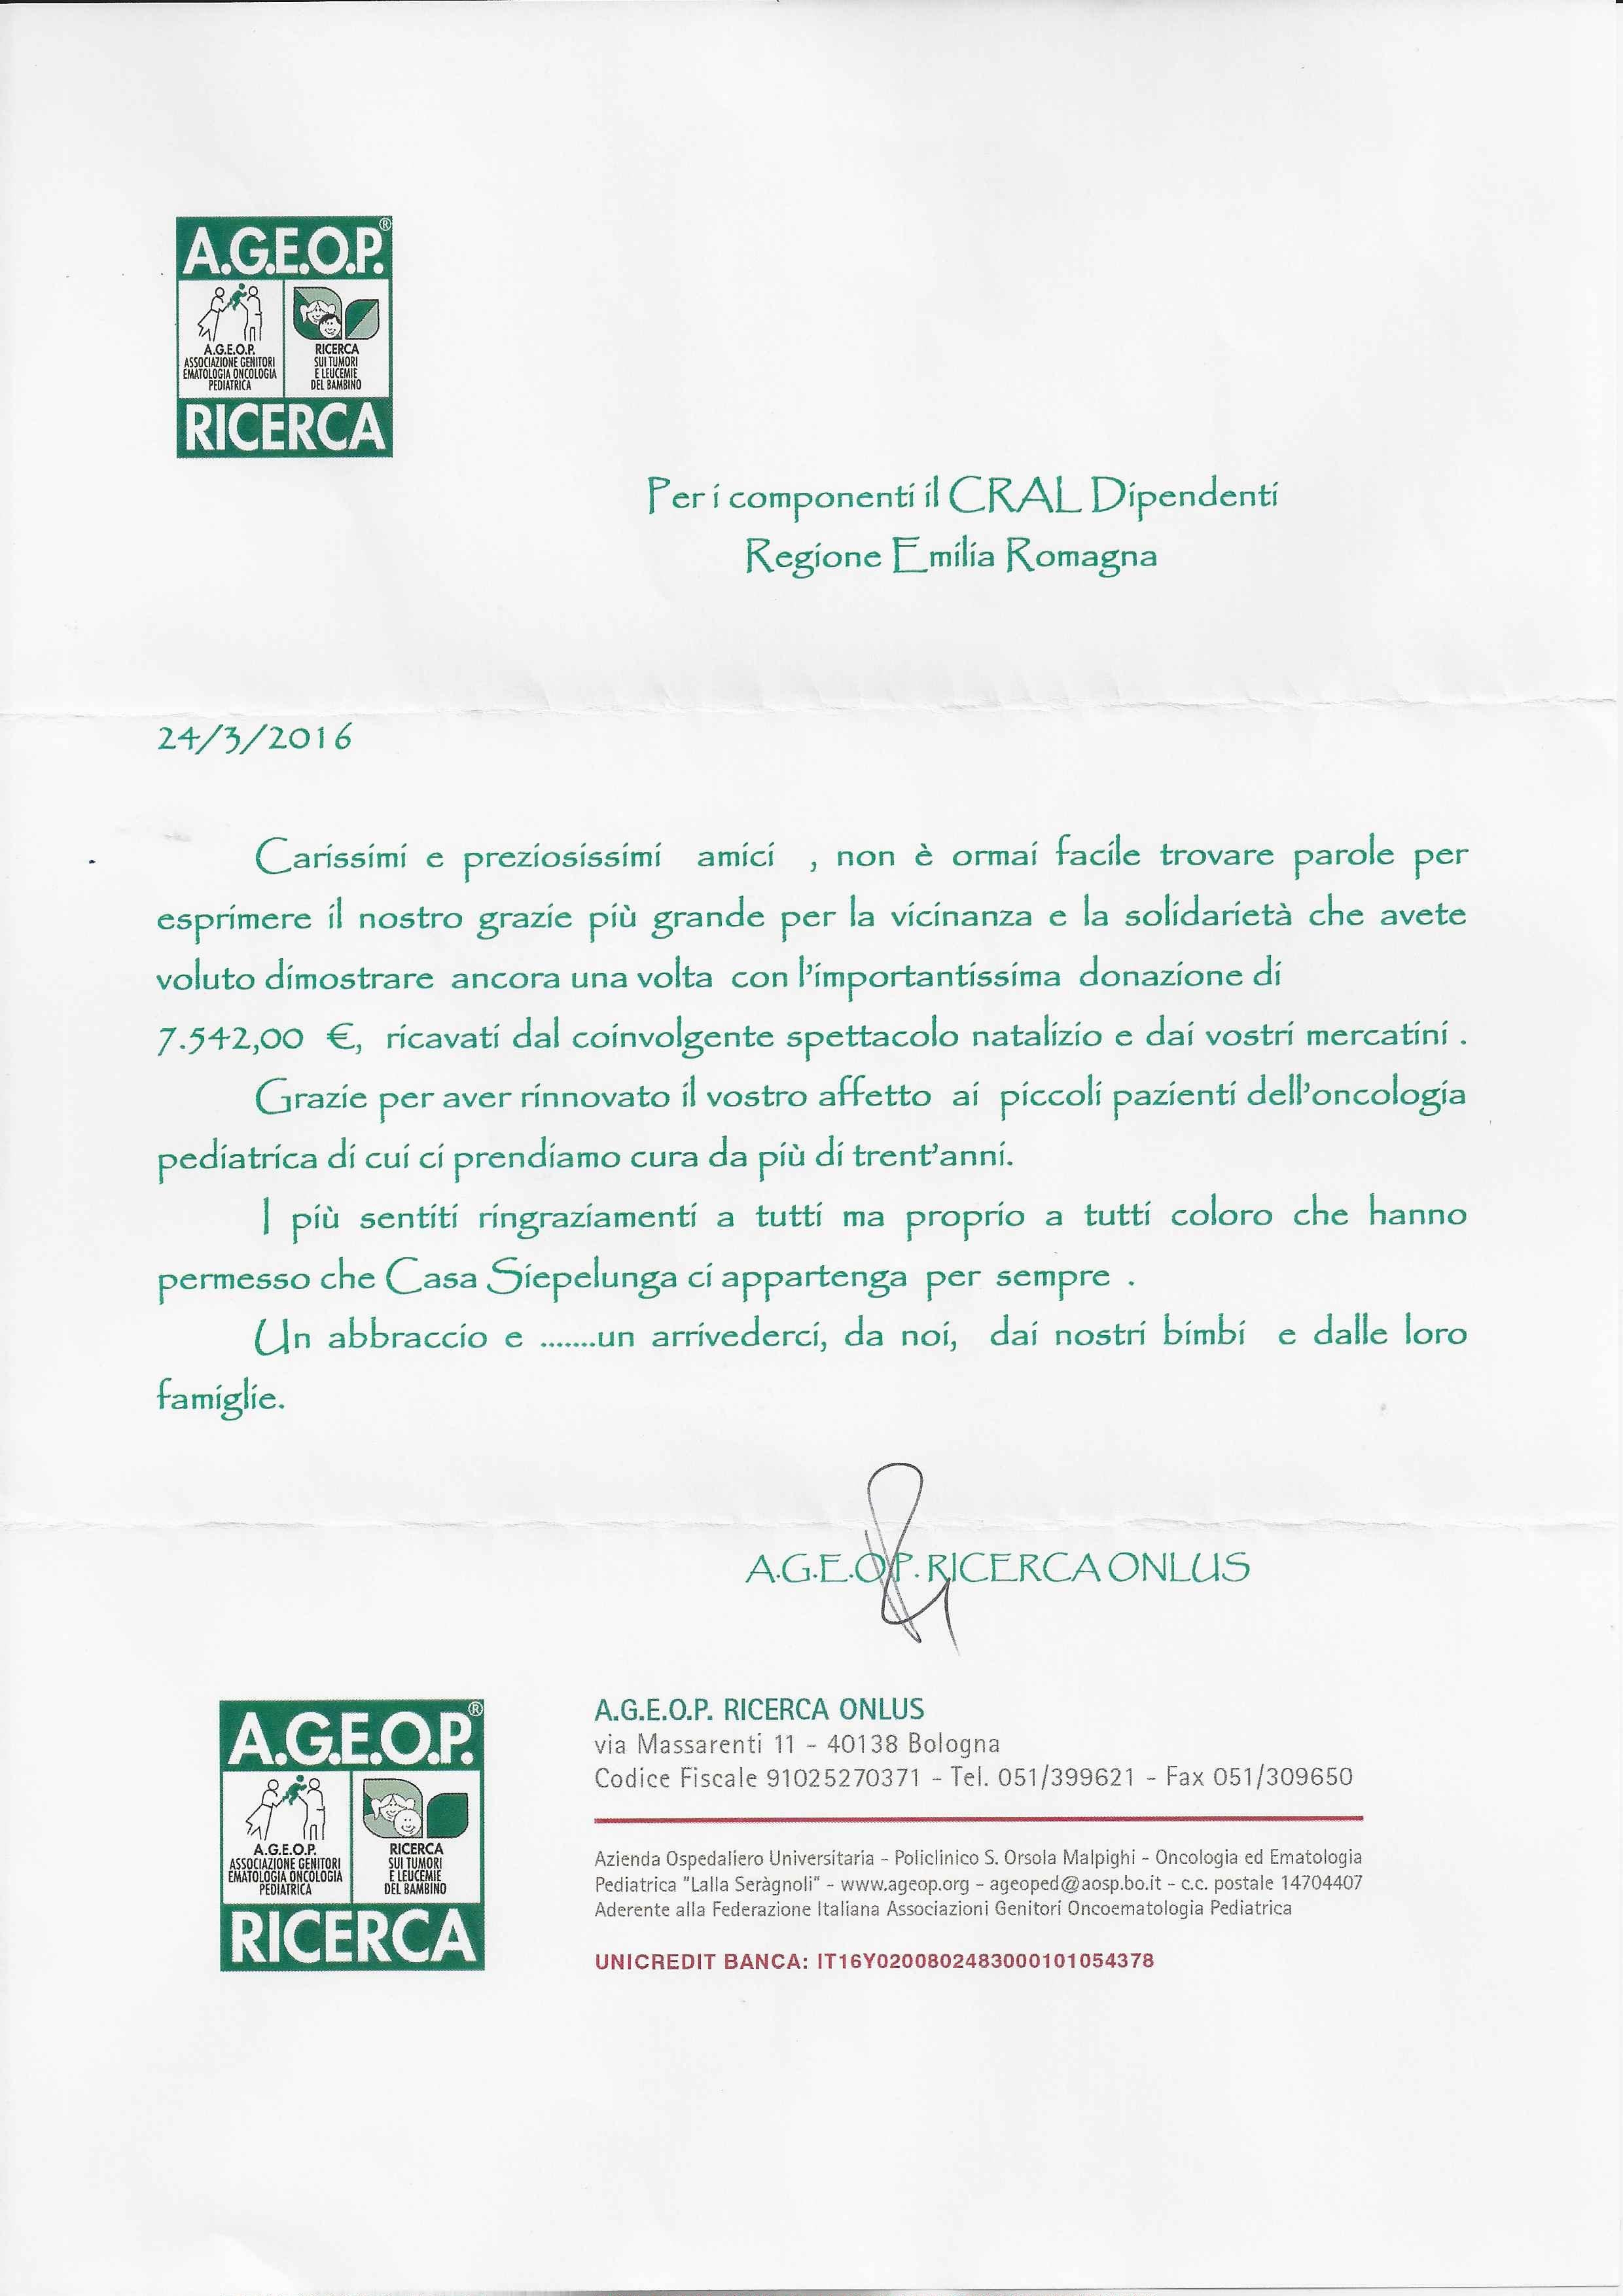 ageop, circolo dipendenti emilia romagna, lettera